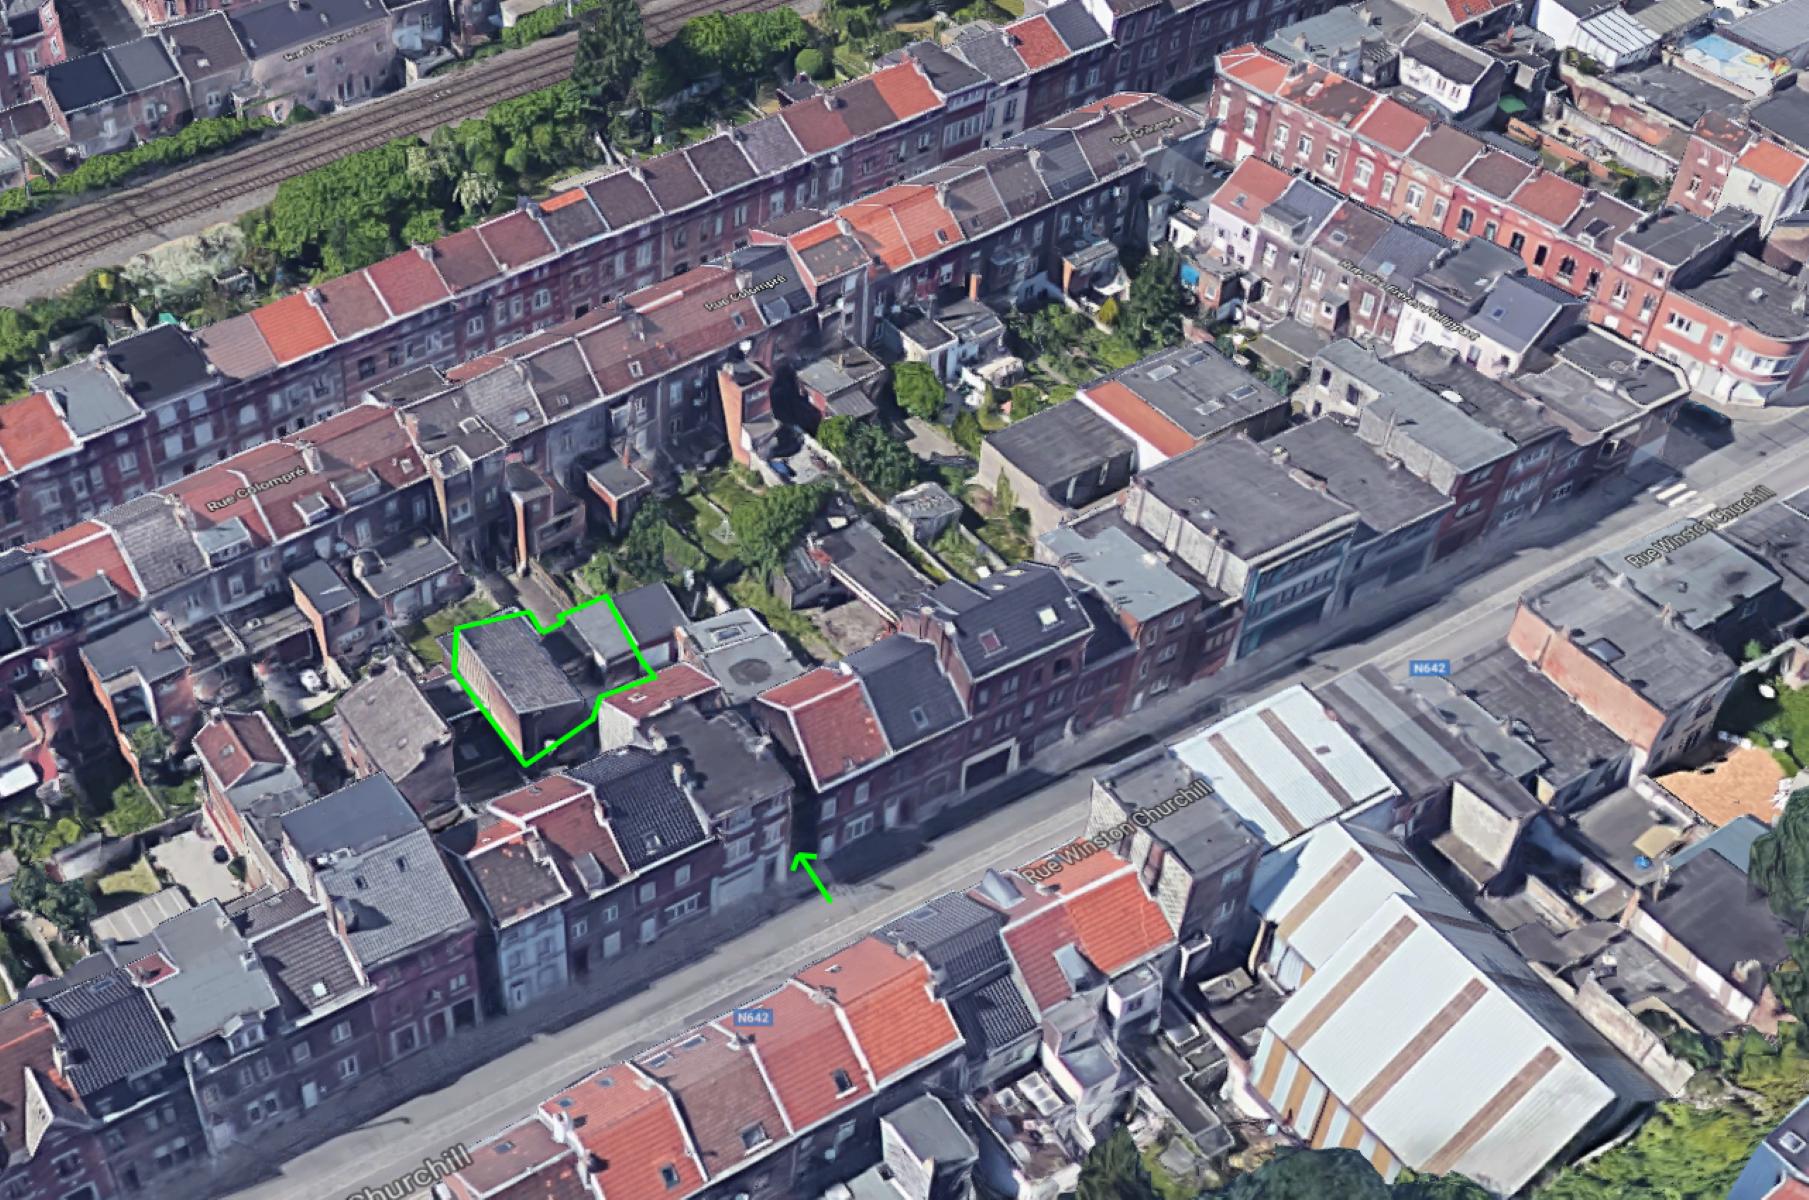 Maison - Liège - #3320116-19